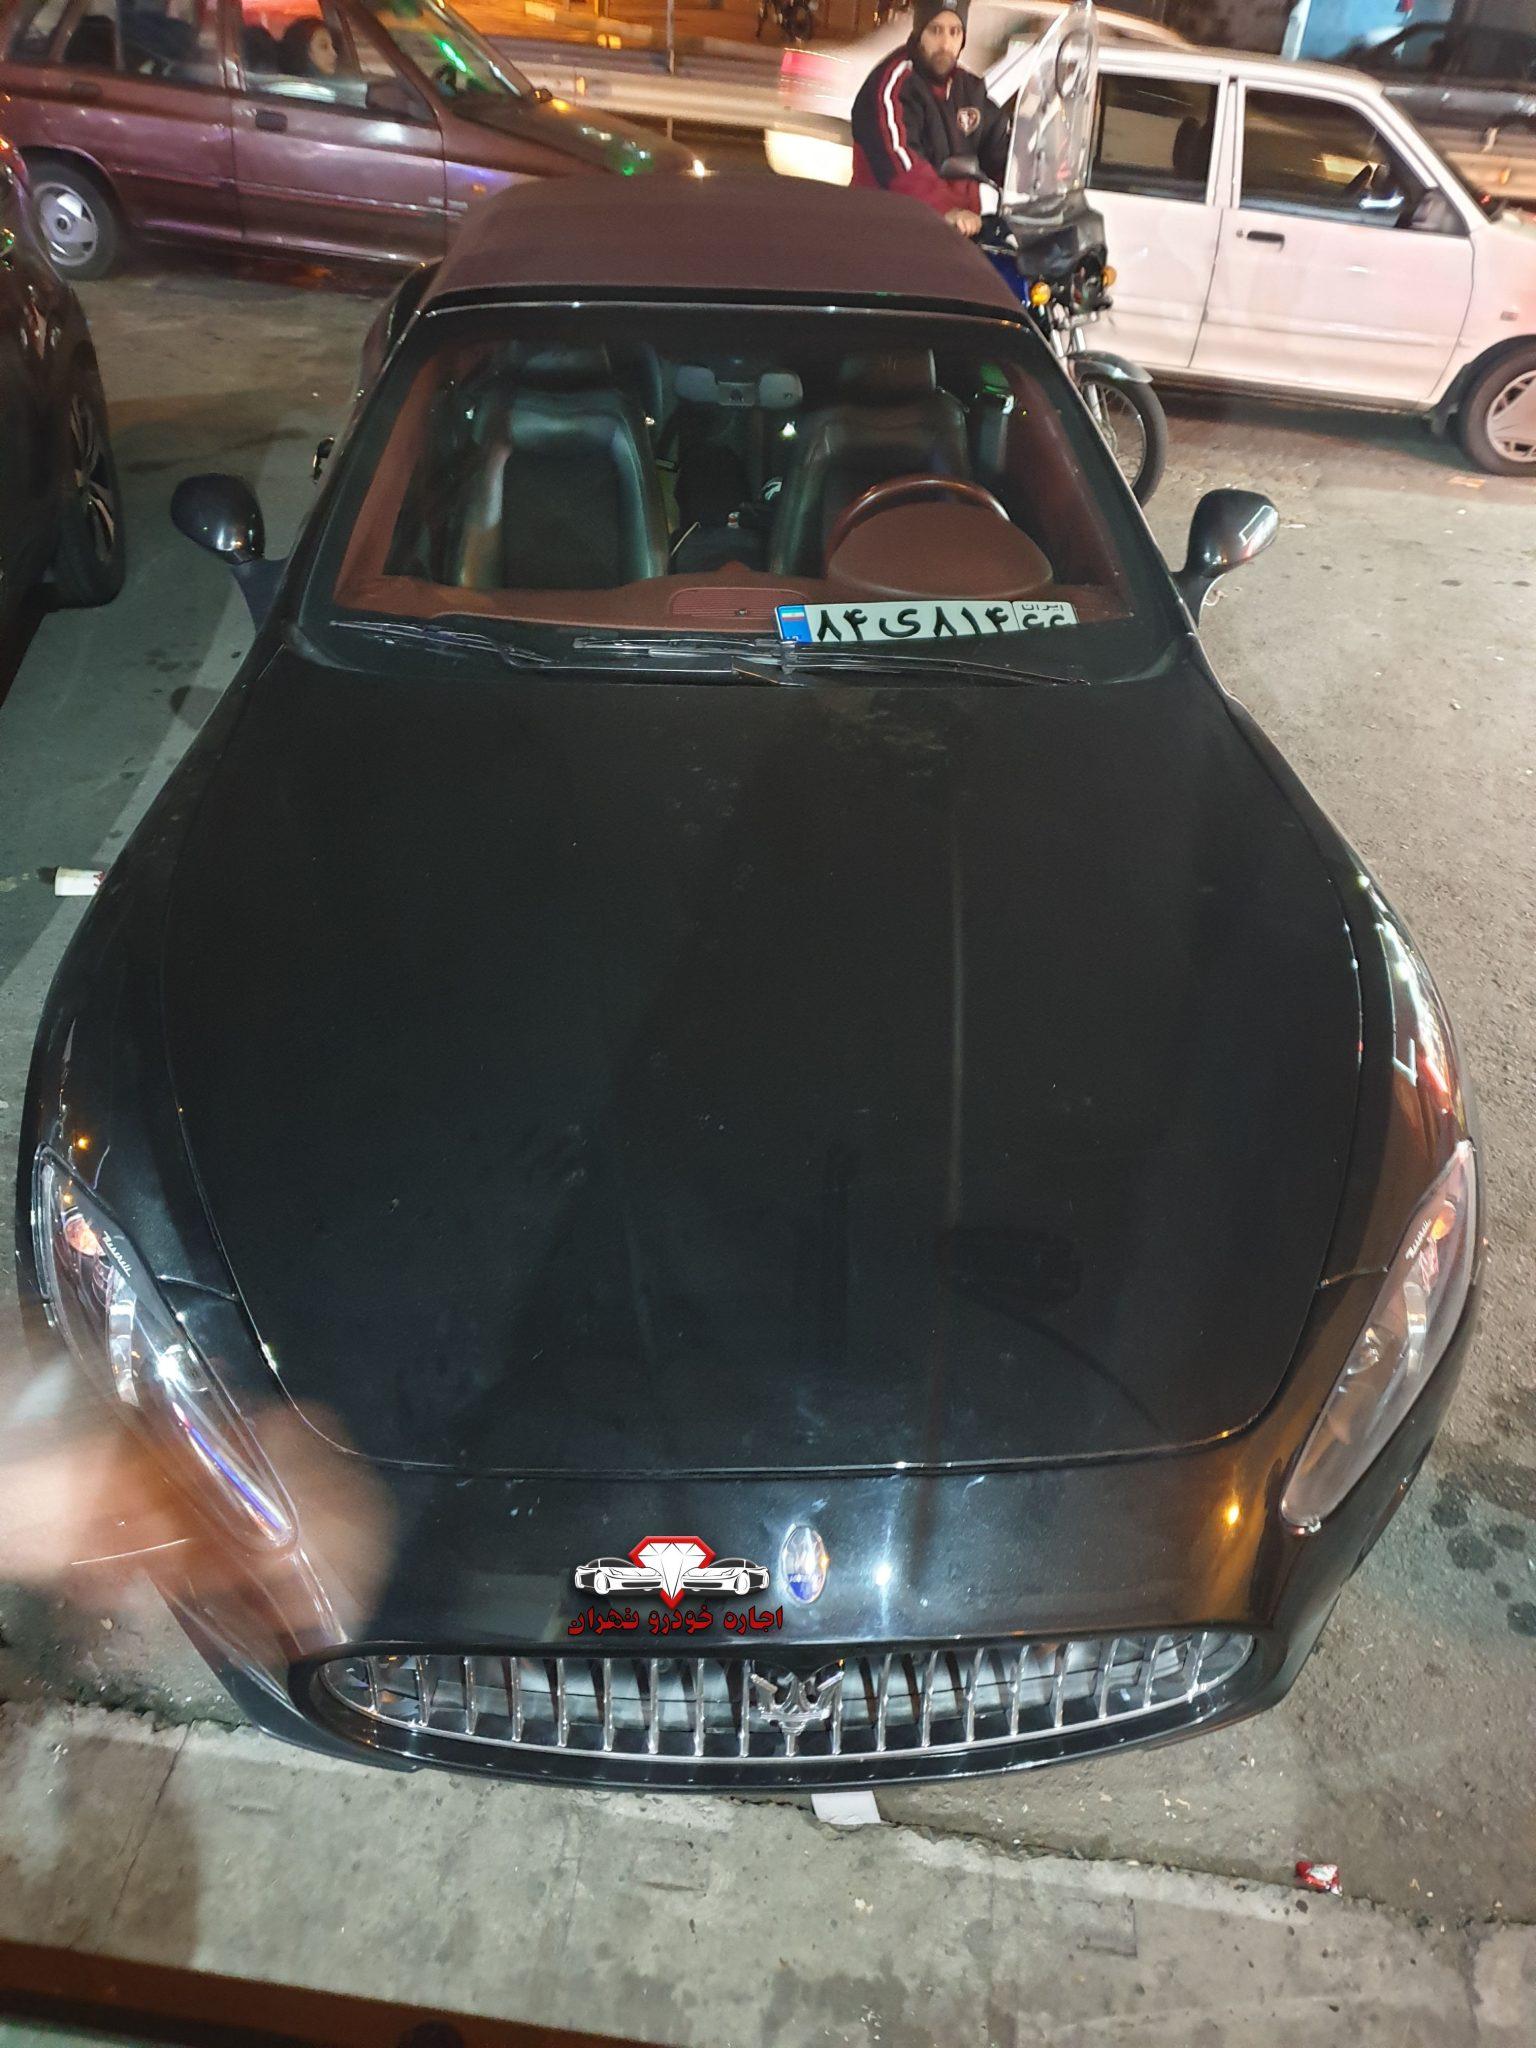 اجاره خودرو مازراتی گرن کابریو اس - ارزان ترین اجاره خودرو در تهران